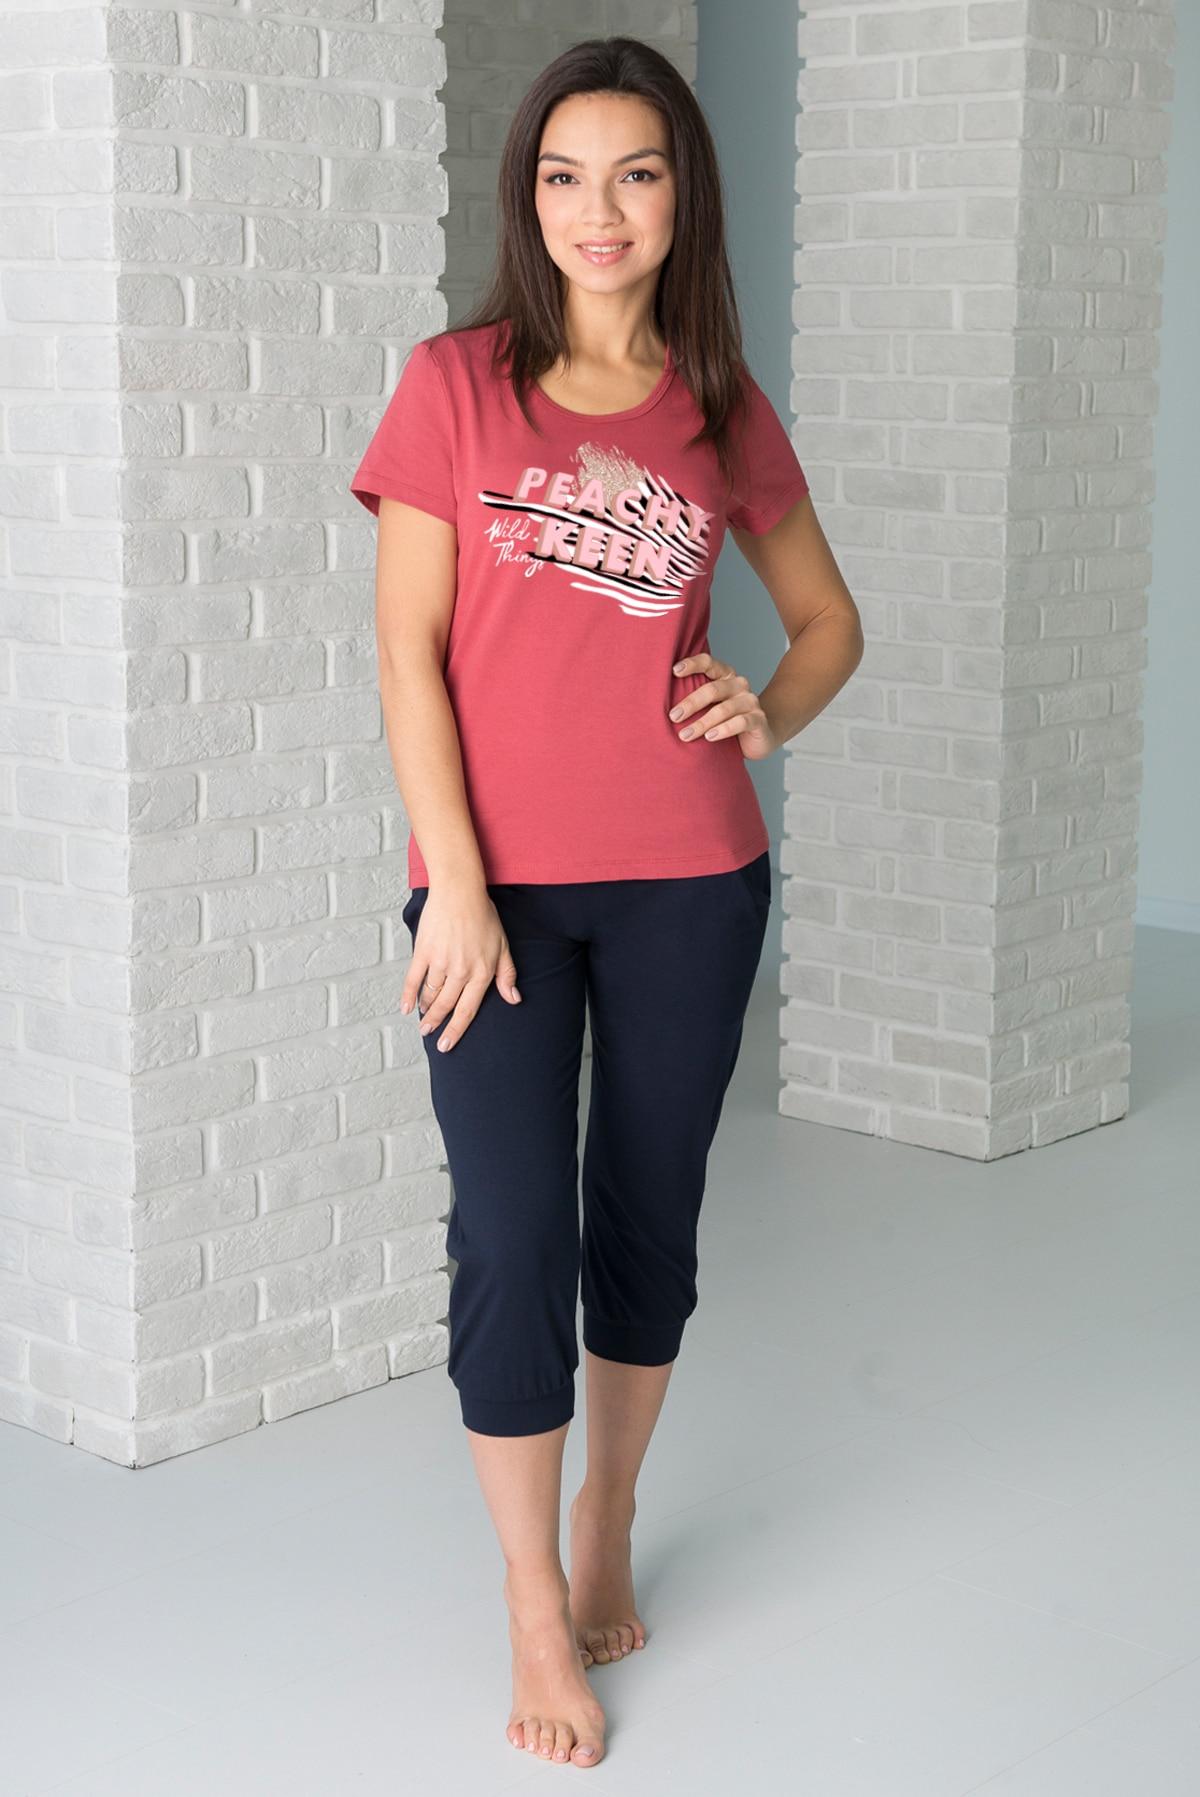 Женский домашний костюм 42 52 размеры Кулирка футболка с коротким рукавом, круглвм вырезом и принтом, бриджи ниже колен с манжет